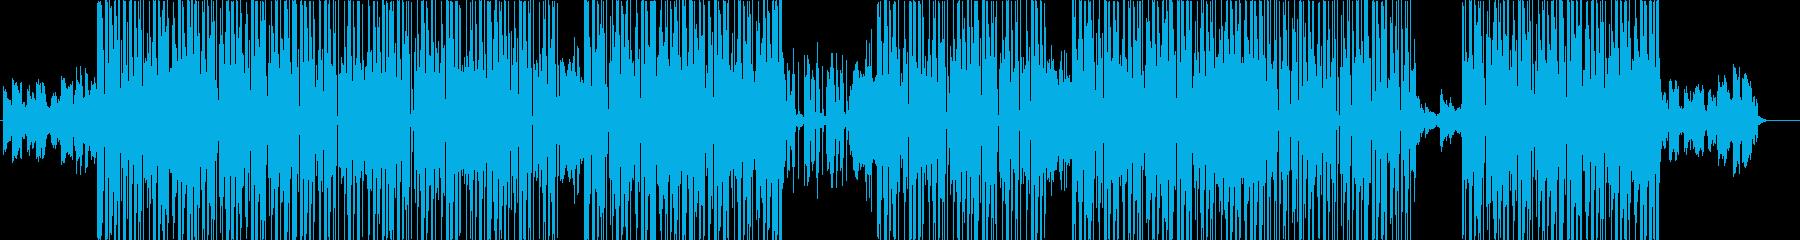 チルアウト、R&B、90sトラック♪の再生済みの波形